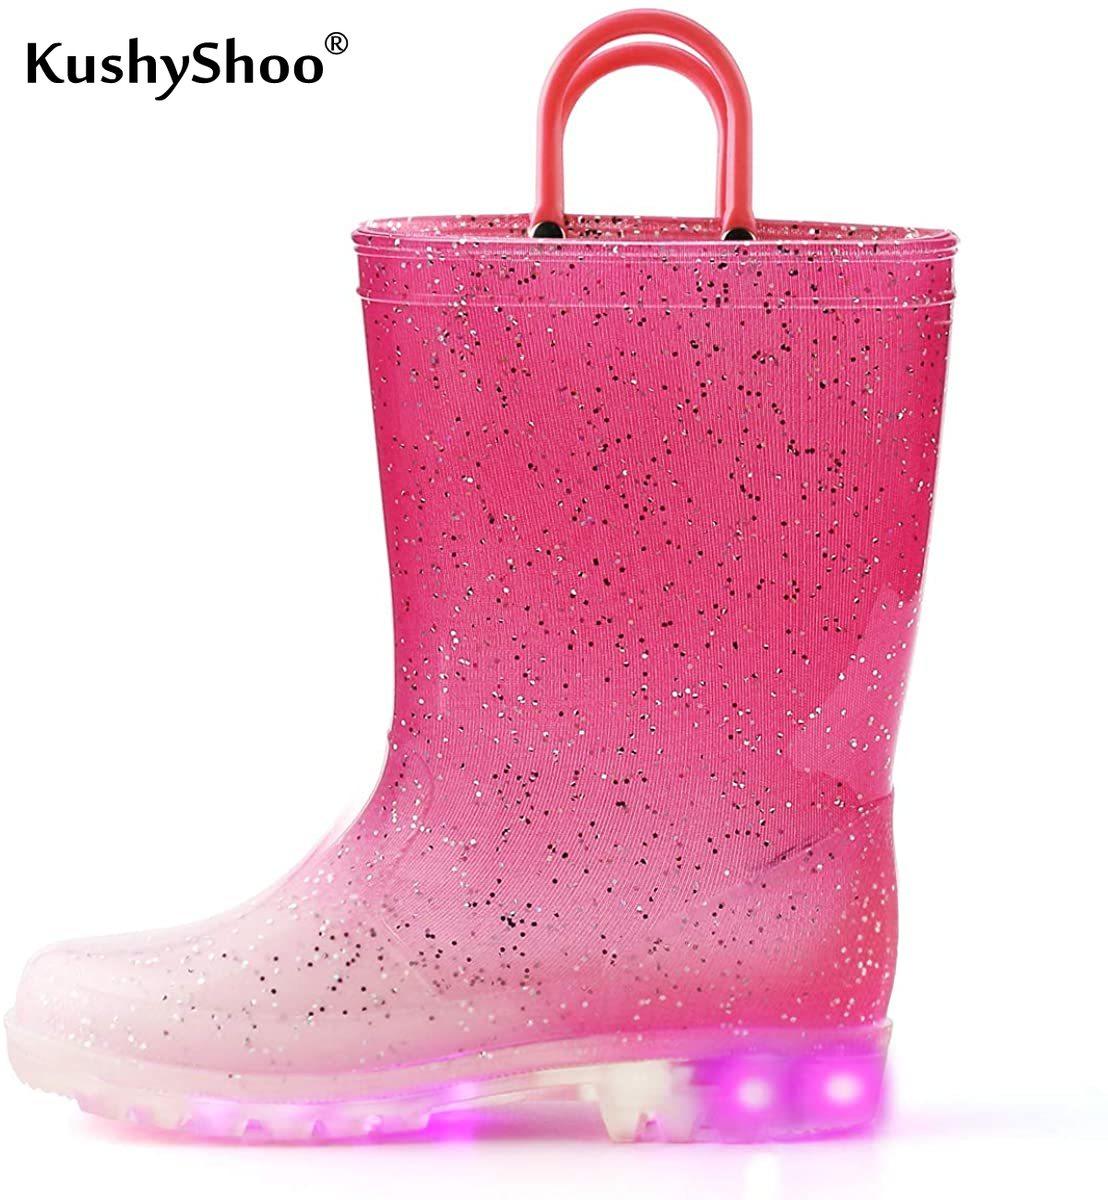 KushyShoo/непромокаемые сапоги для маленьких мальчиков; Светильник для детей; Блестящая обувь для девочек; Непромокаемая обувь из ПВХ; Розовая б...